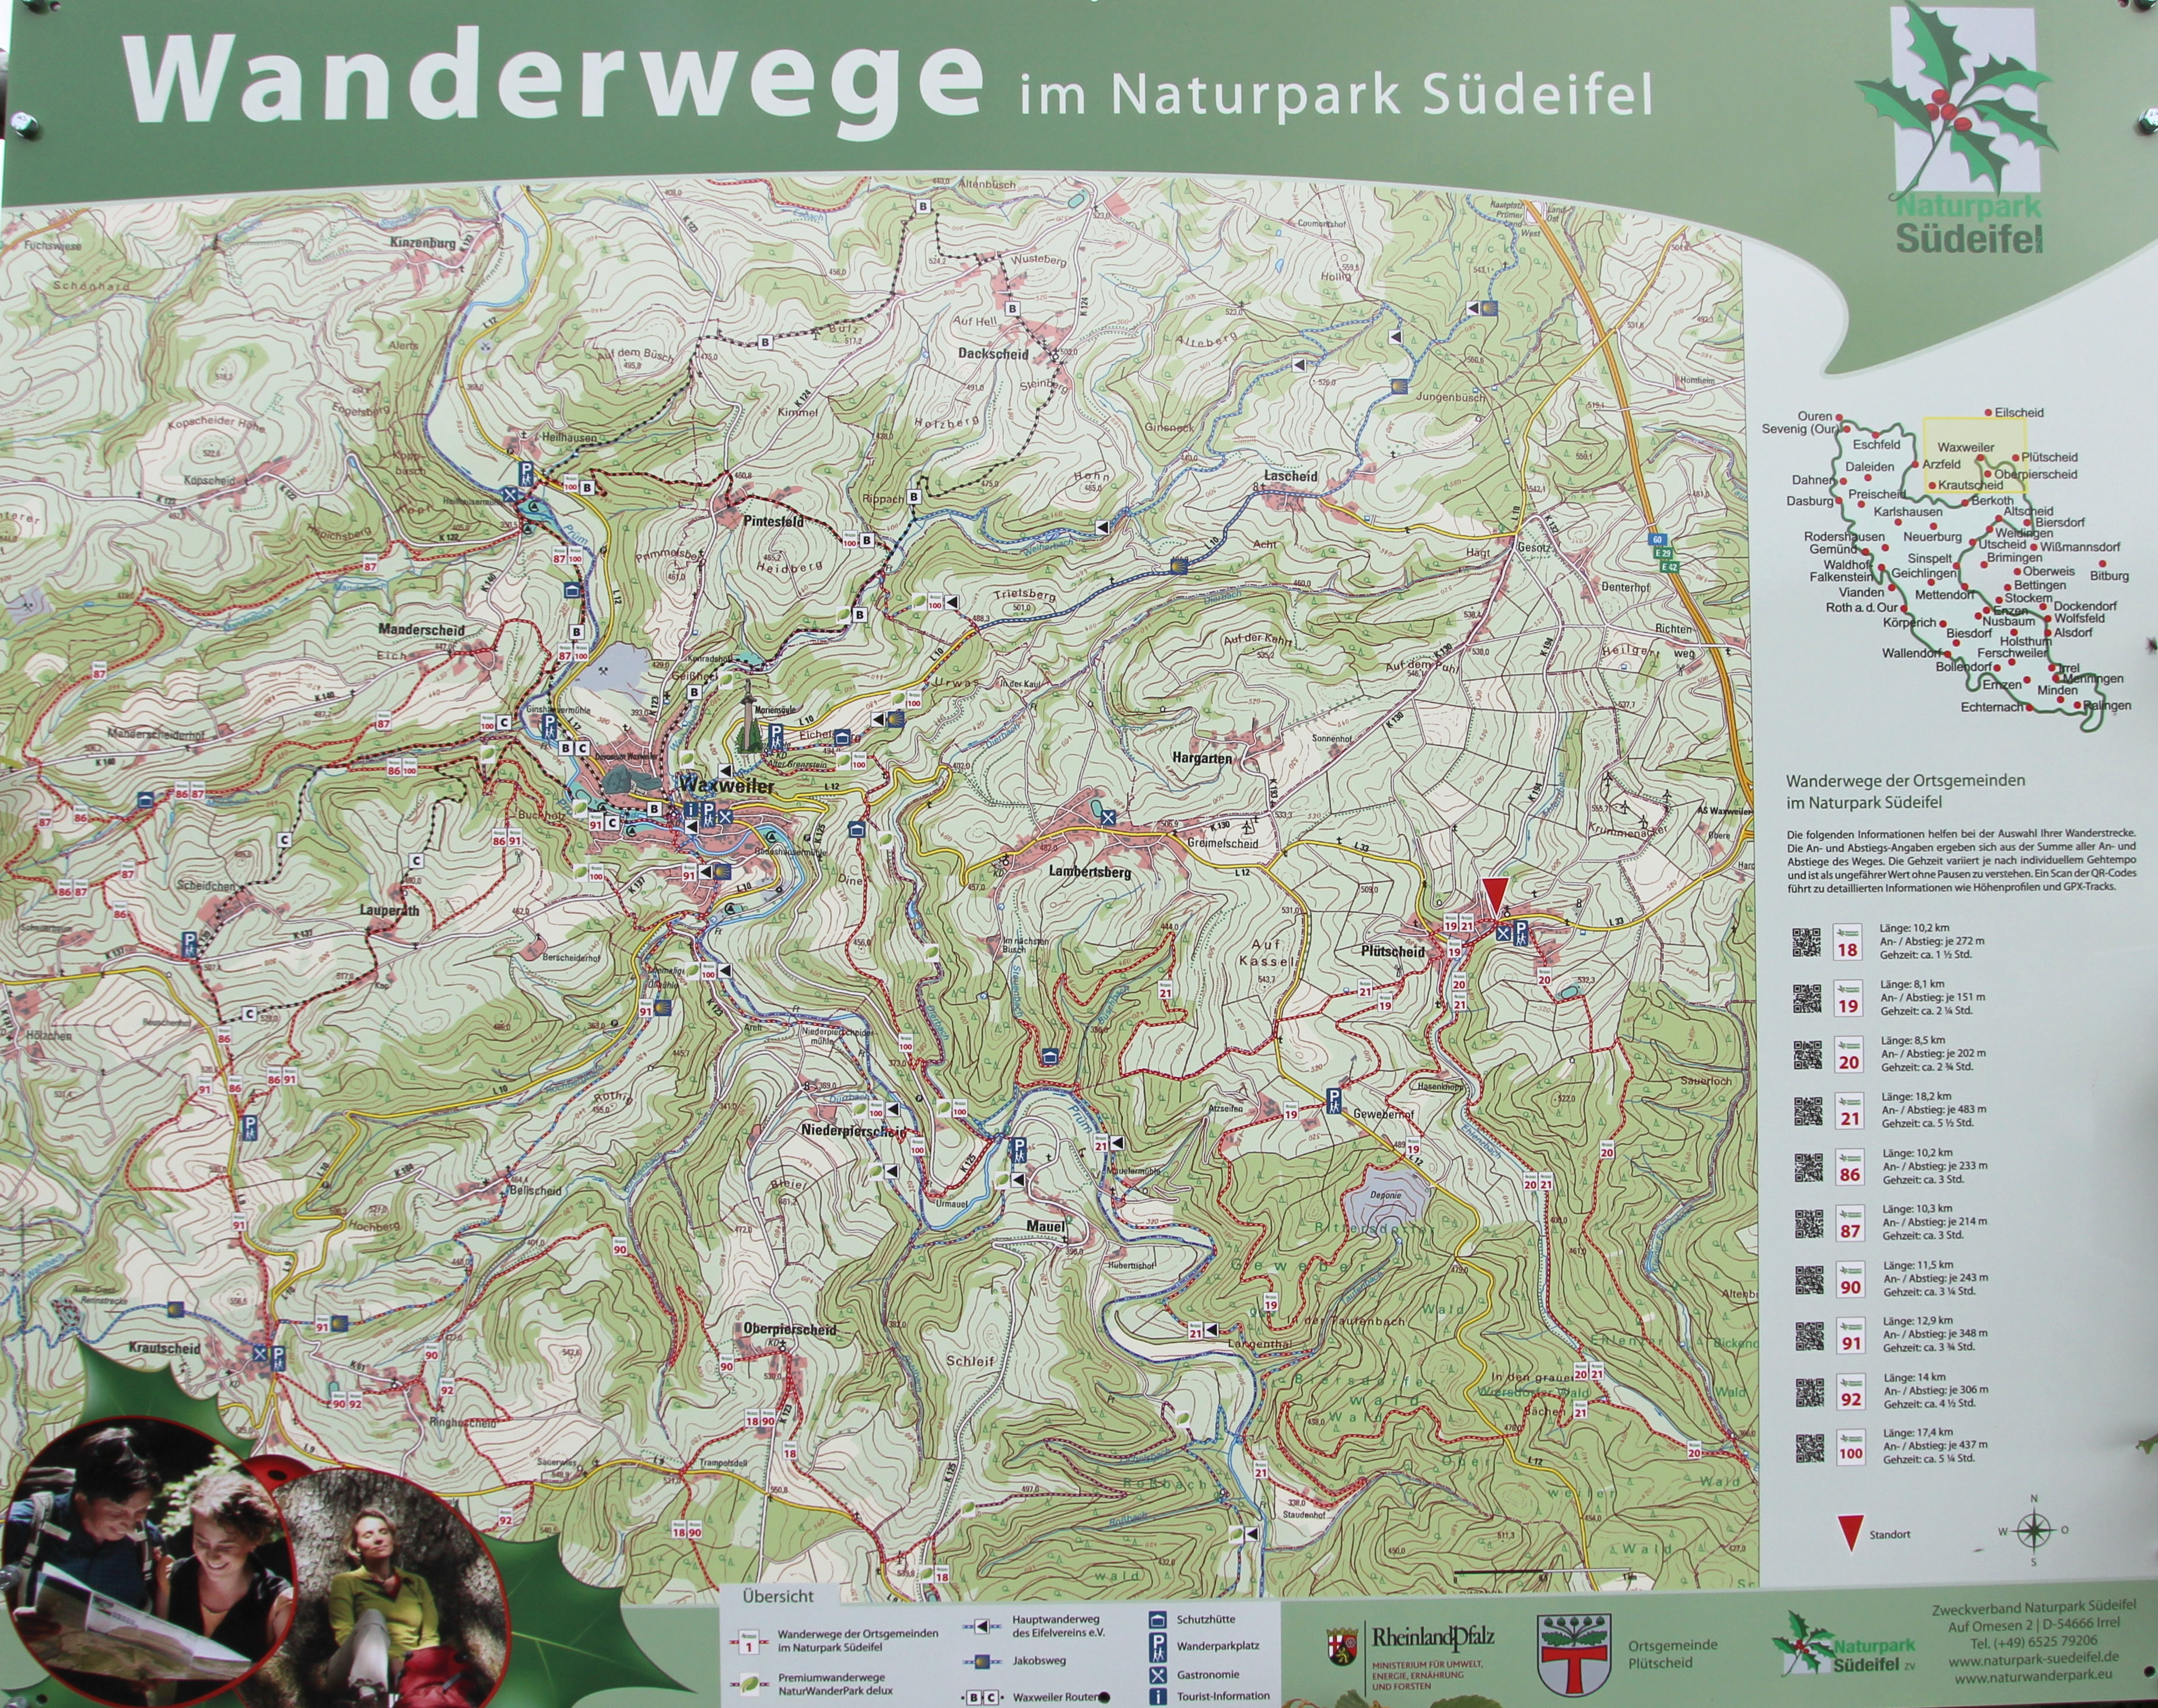 Karte Eifel.File Plütscheid Eifel Karte Wanderwege A Jpg Wikimedia Commons